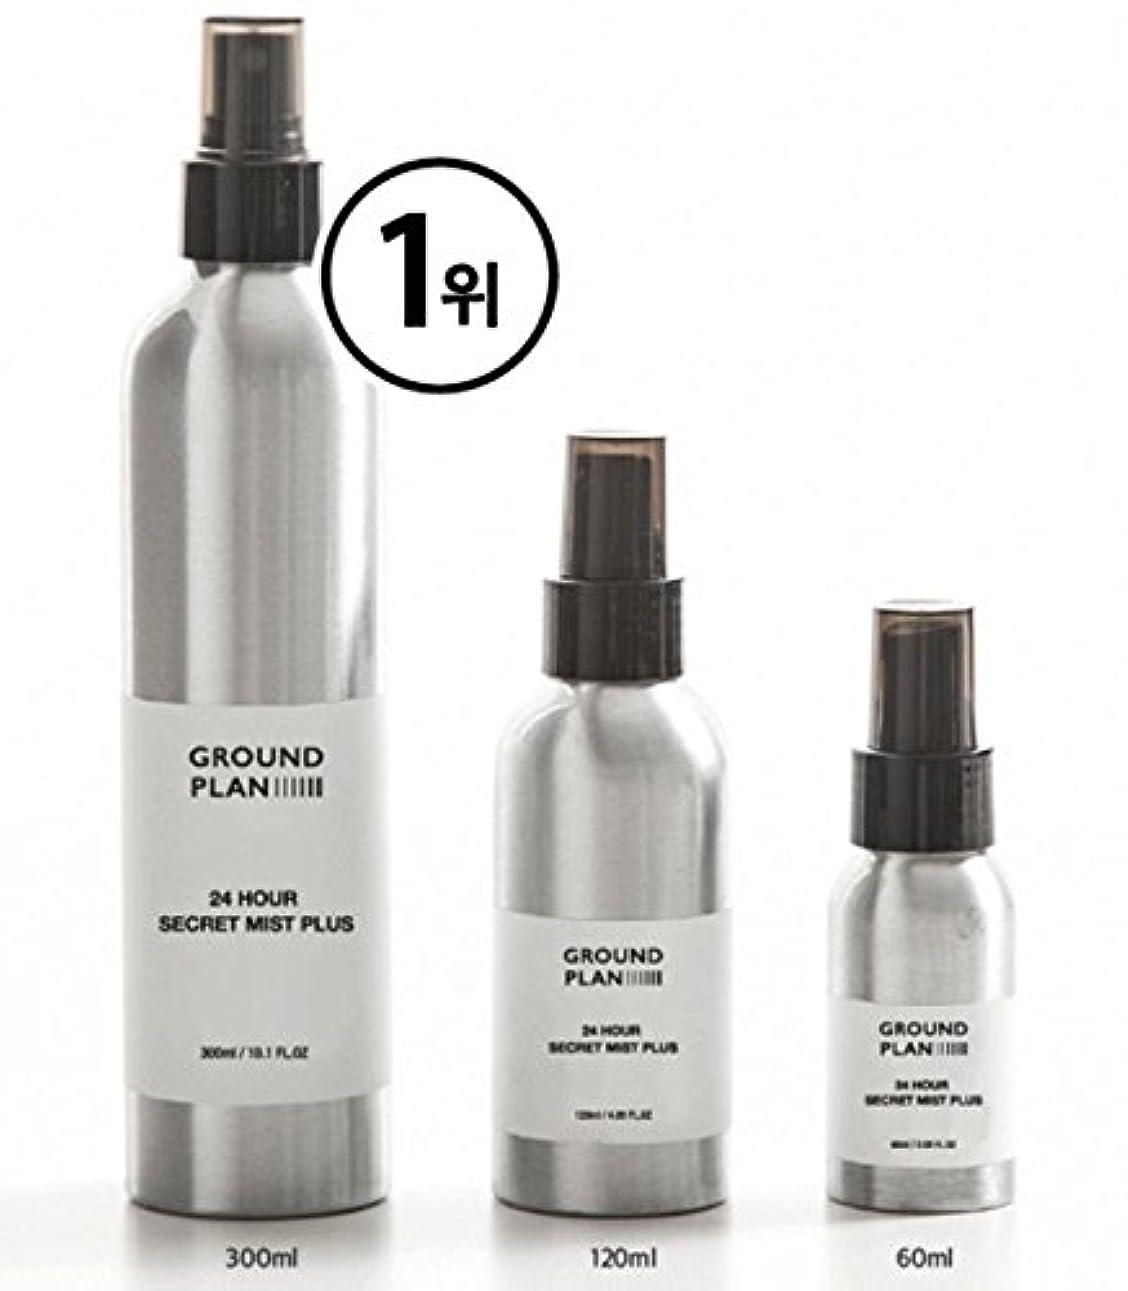 革命的データ敗北[グラウンド?プラン] 24Hour 秘密 スキンミスト Plus (60ml) Ground plan 24 Hour Secret Skin Mist Plus [海外直送品]